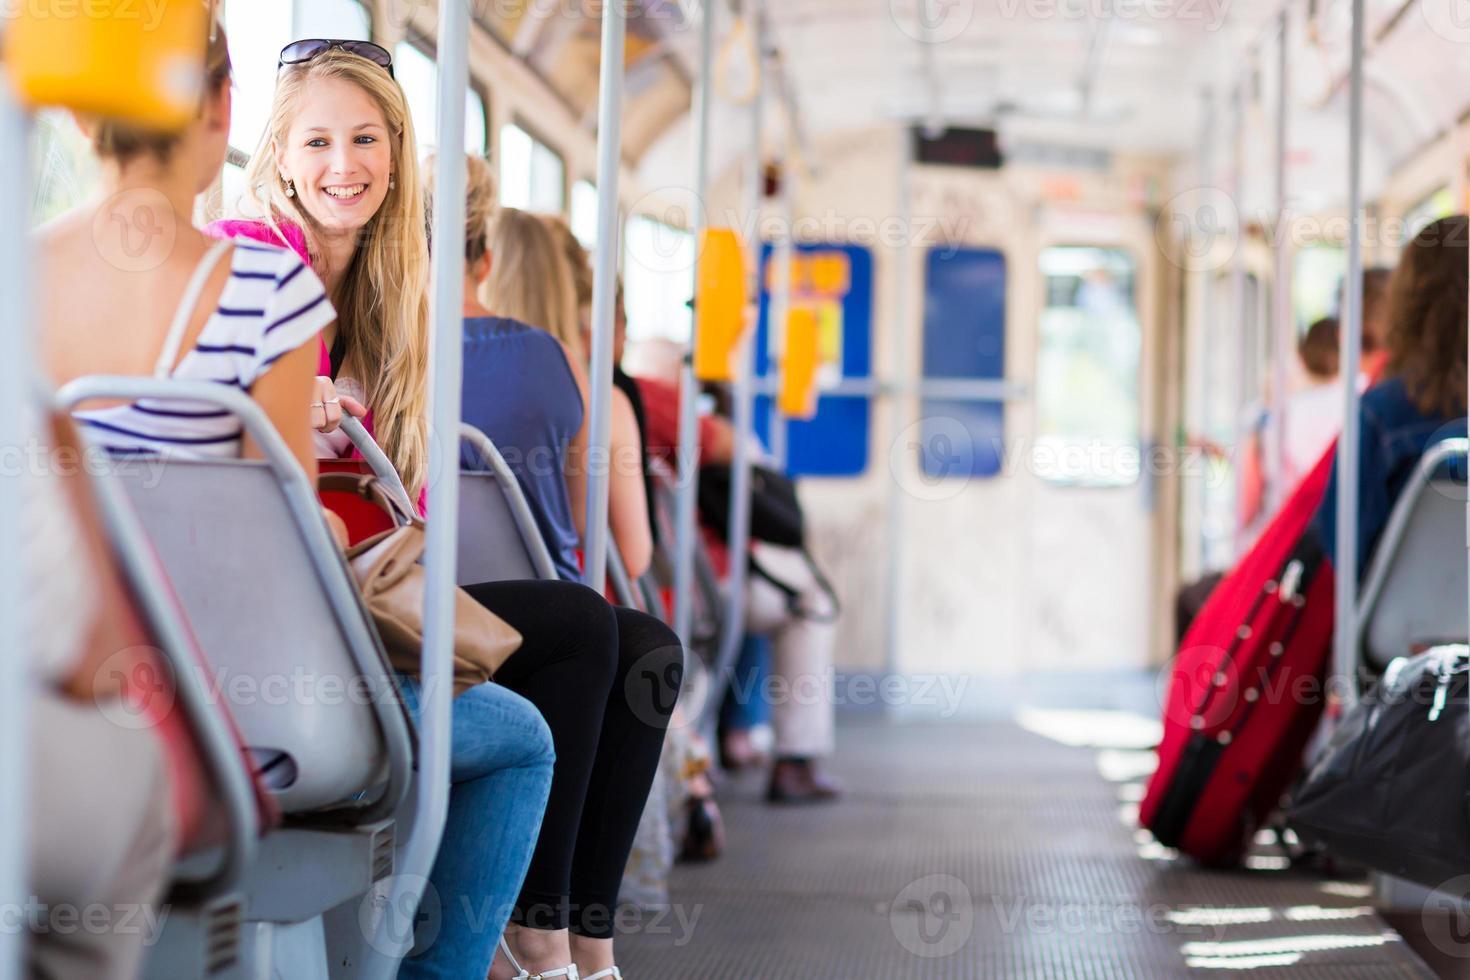 jolie jeune femme dans un tramway / tramway photo